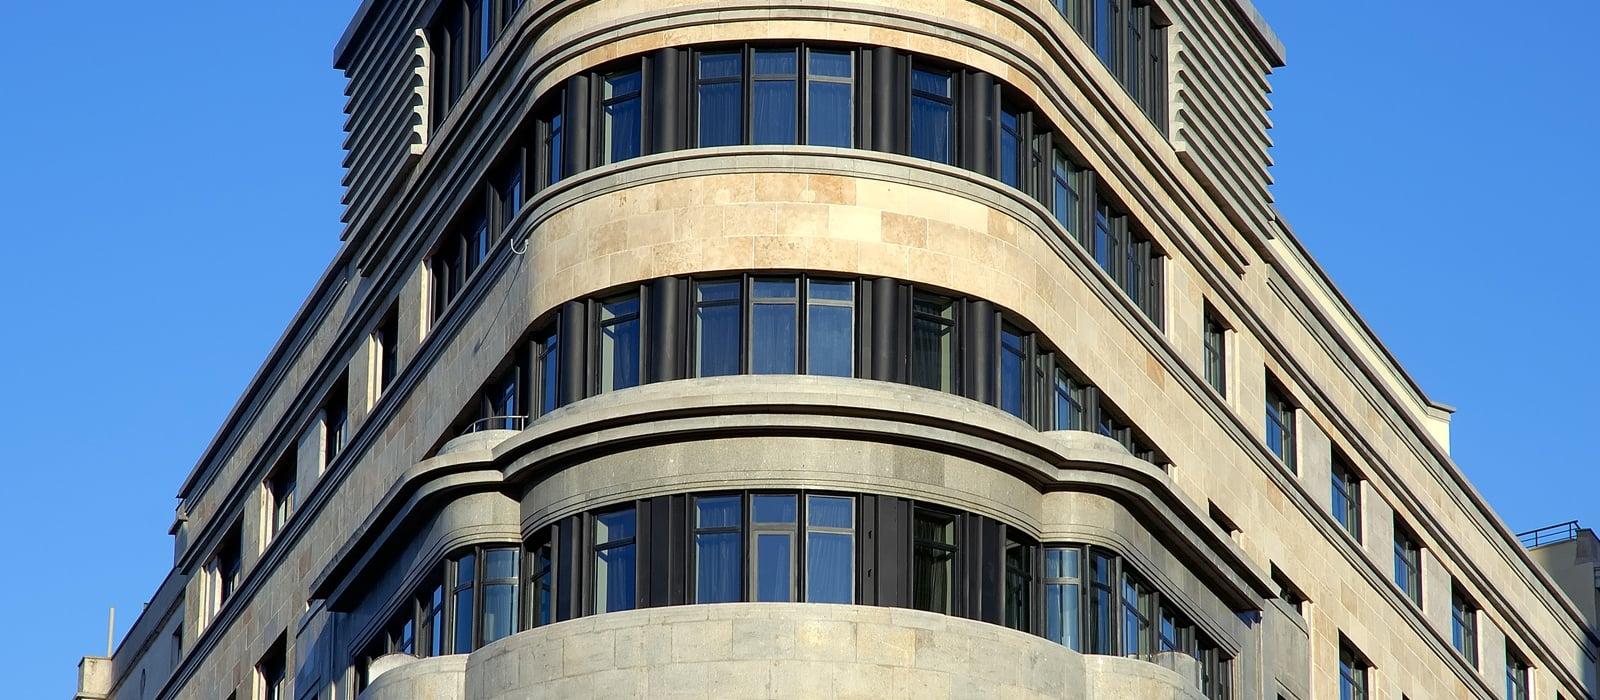 Fassade - Vincci Capitol 4*